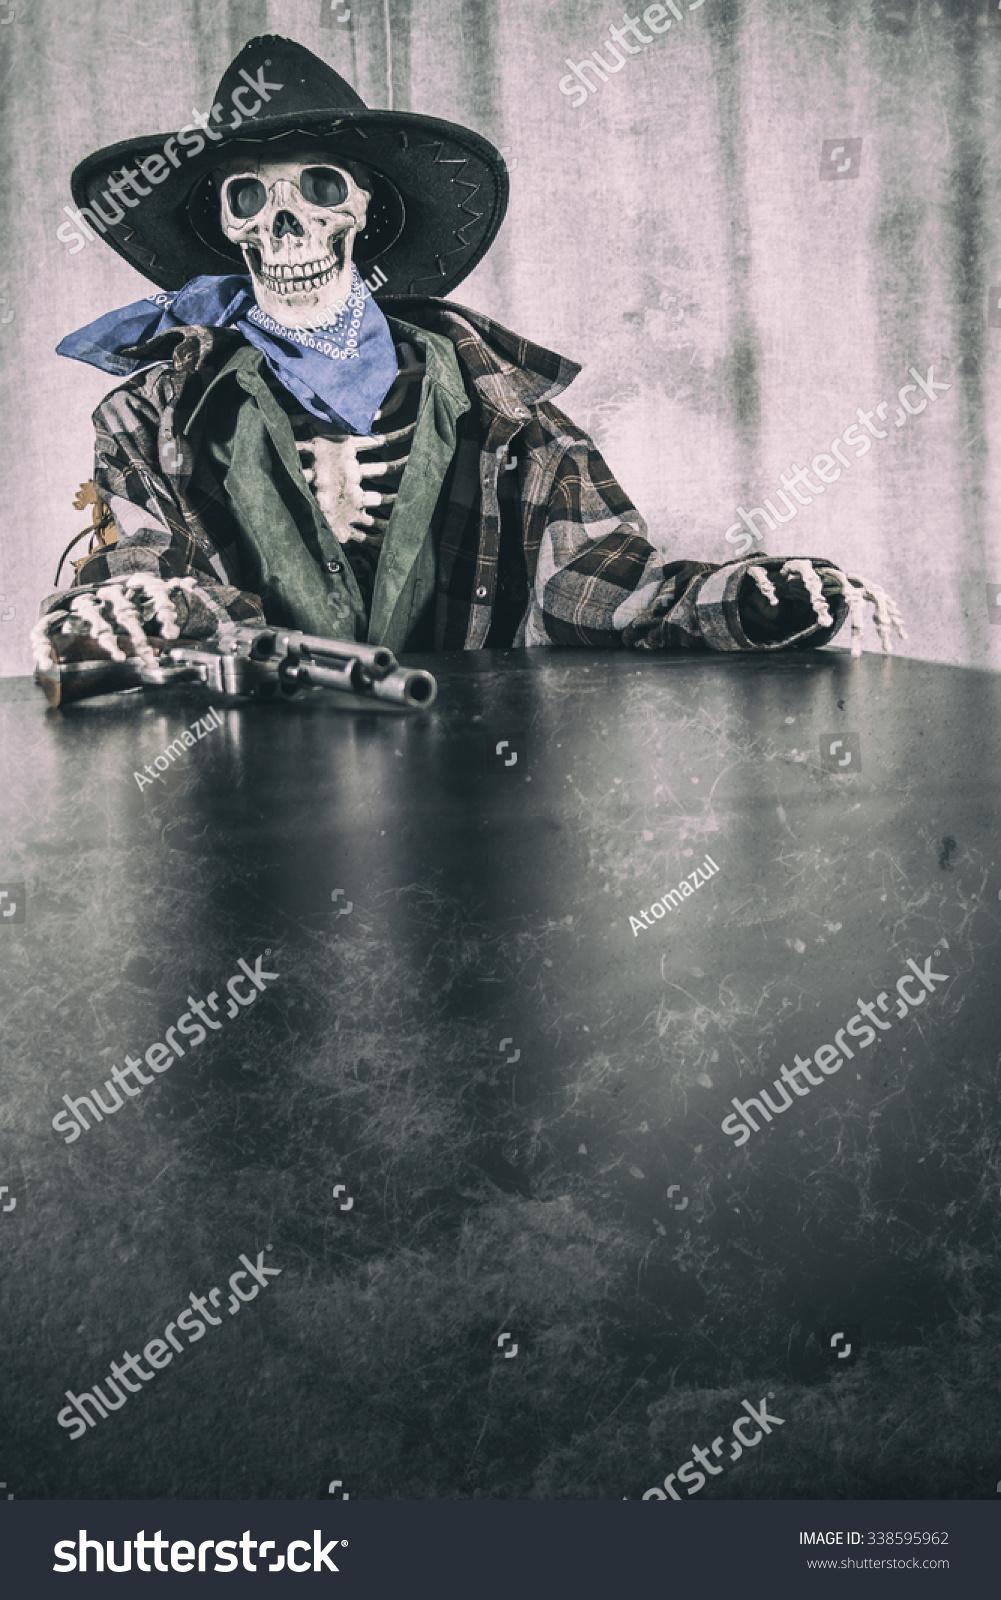 6c1d227963f Old West Skeleton Revolver Copy Space. Old west bandit outlaw skeleton at a  poker table